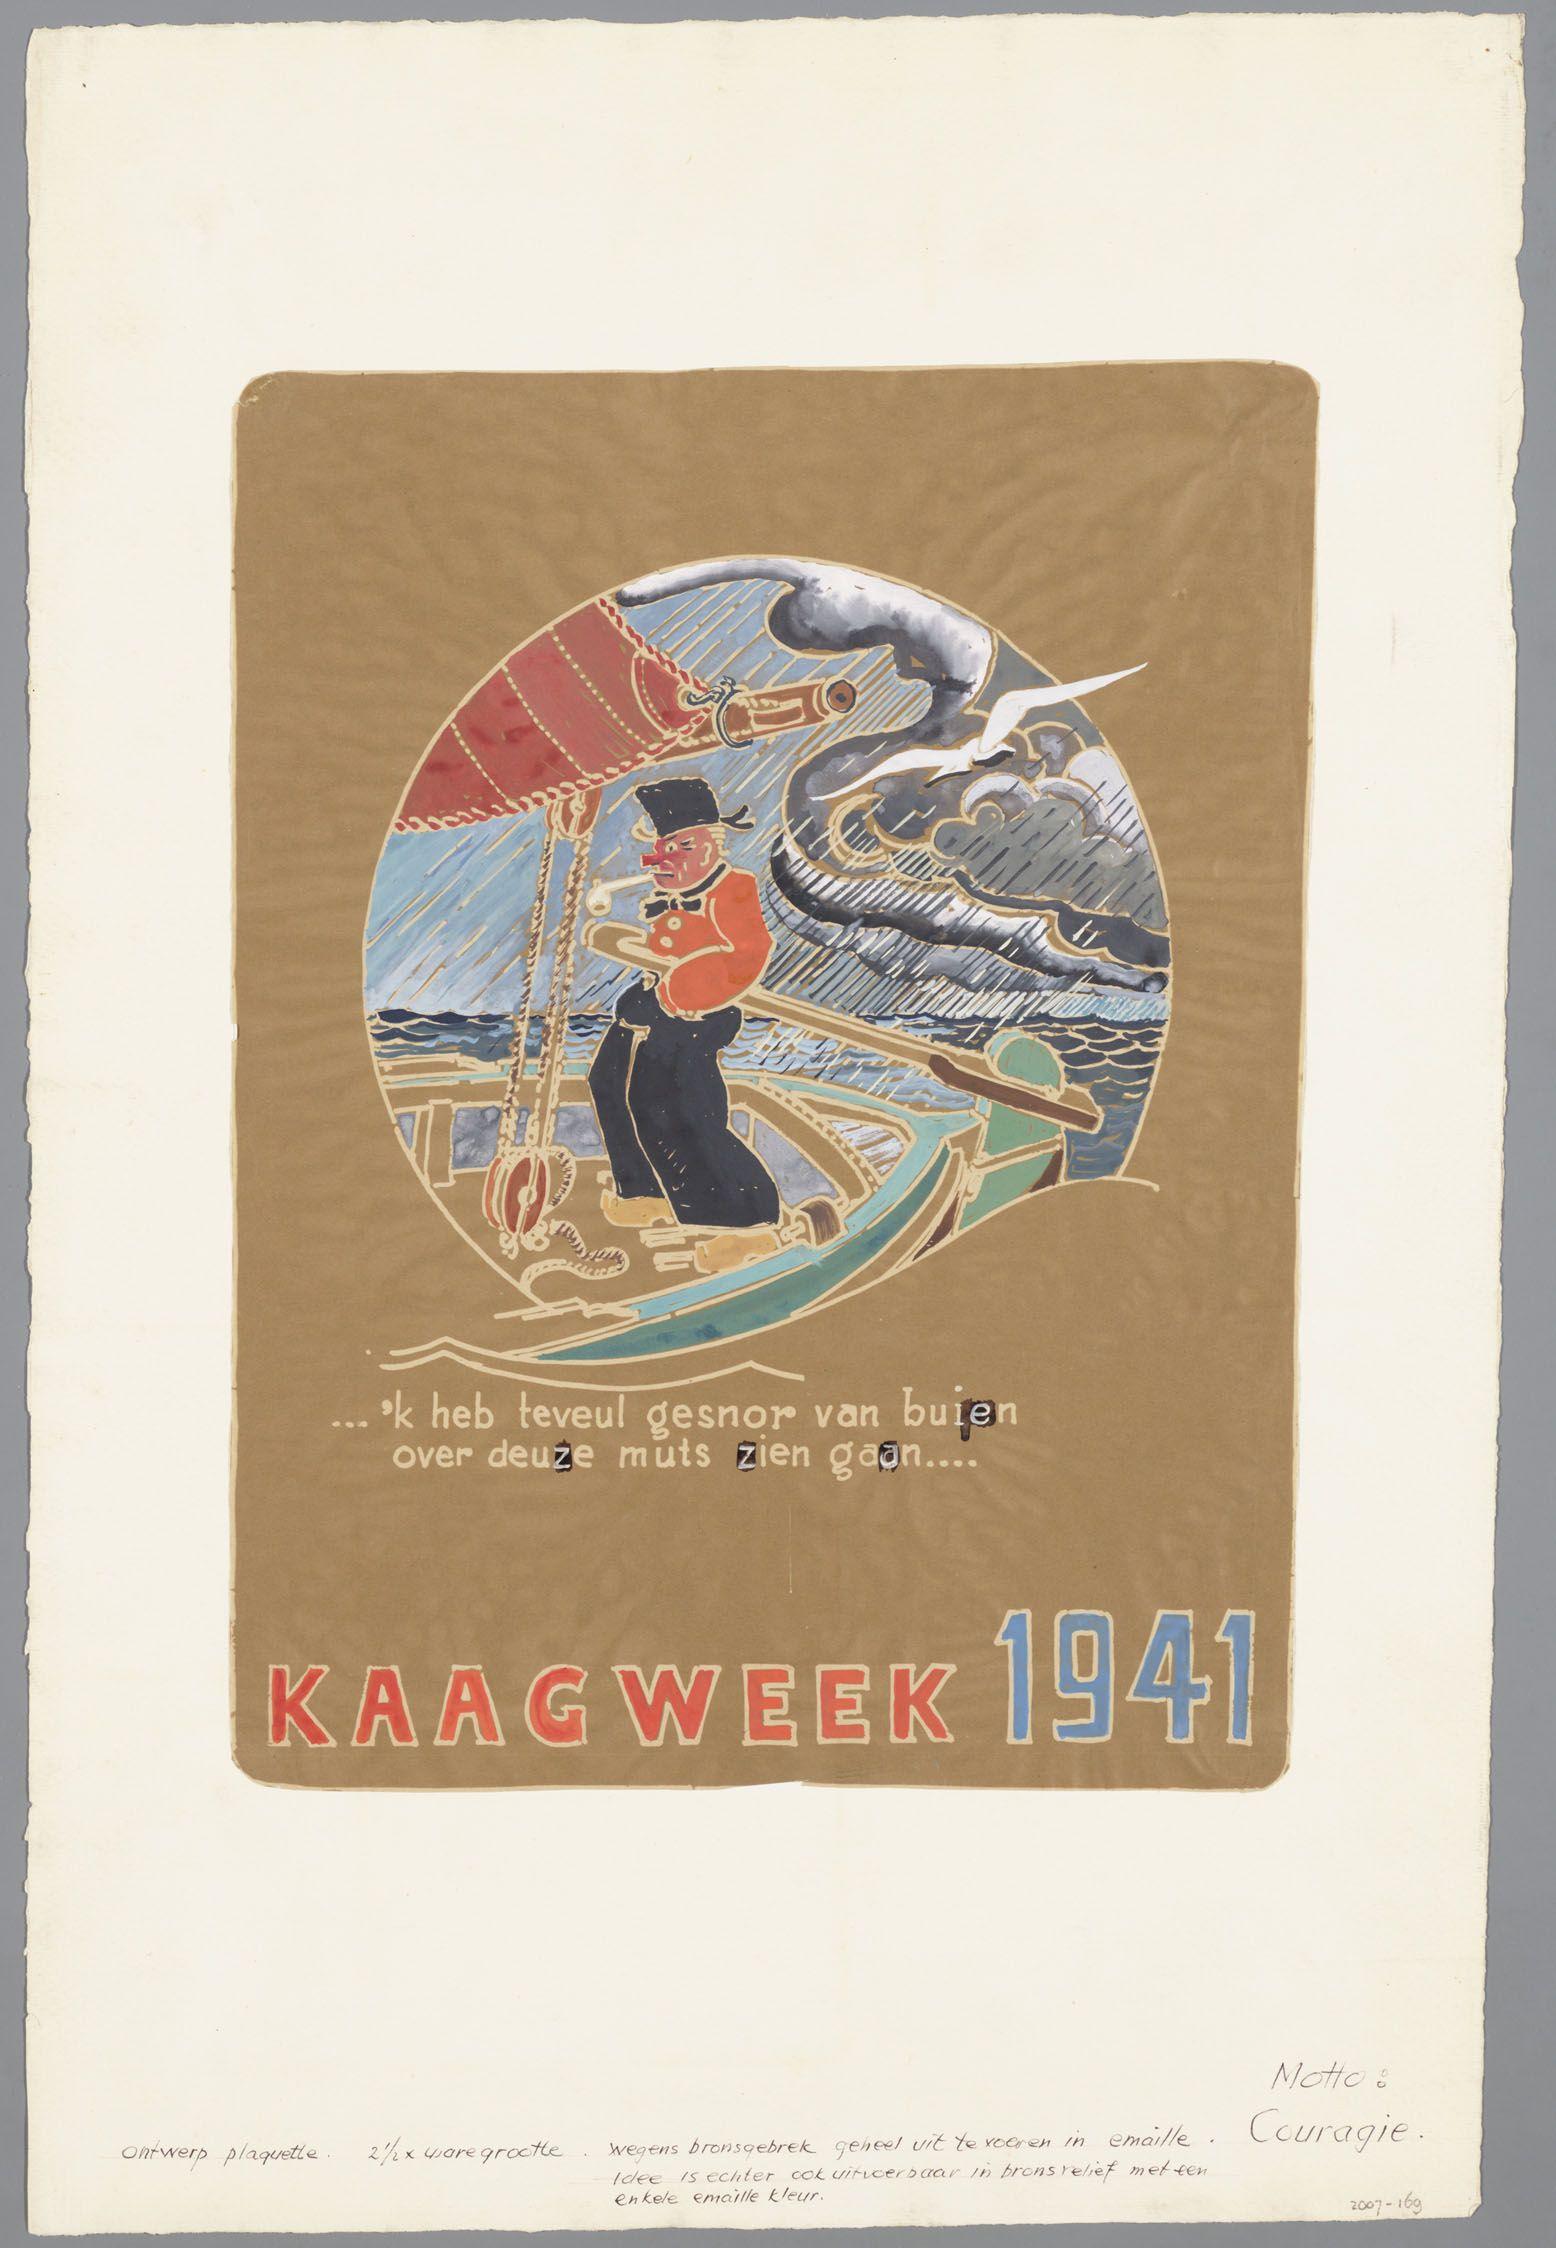 Ontwerptekening voor een plaquette voor de Kaagweek van 1941. Volgens een mededeling op de tekening uit te voeren in bronskleurig emaille vanwege het bronsgebrek. Op de plaquette is er een afbeelding van een visser in klederdracht in de regen aan het roer van een botter met als tekst:'k heb teveul gesnor van buiten over deuze muts zien gaan...'. #NoordHolland #Volendam